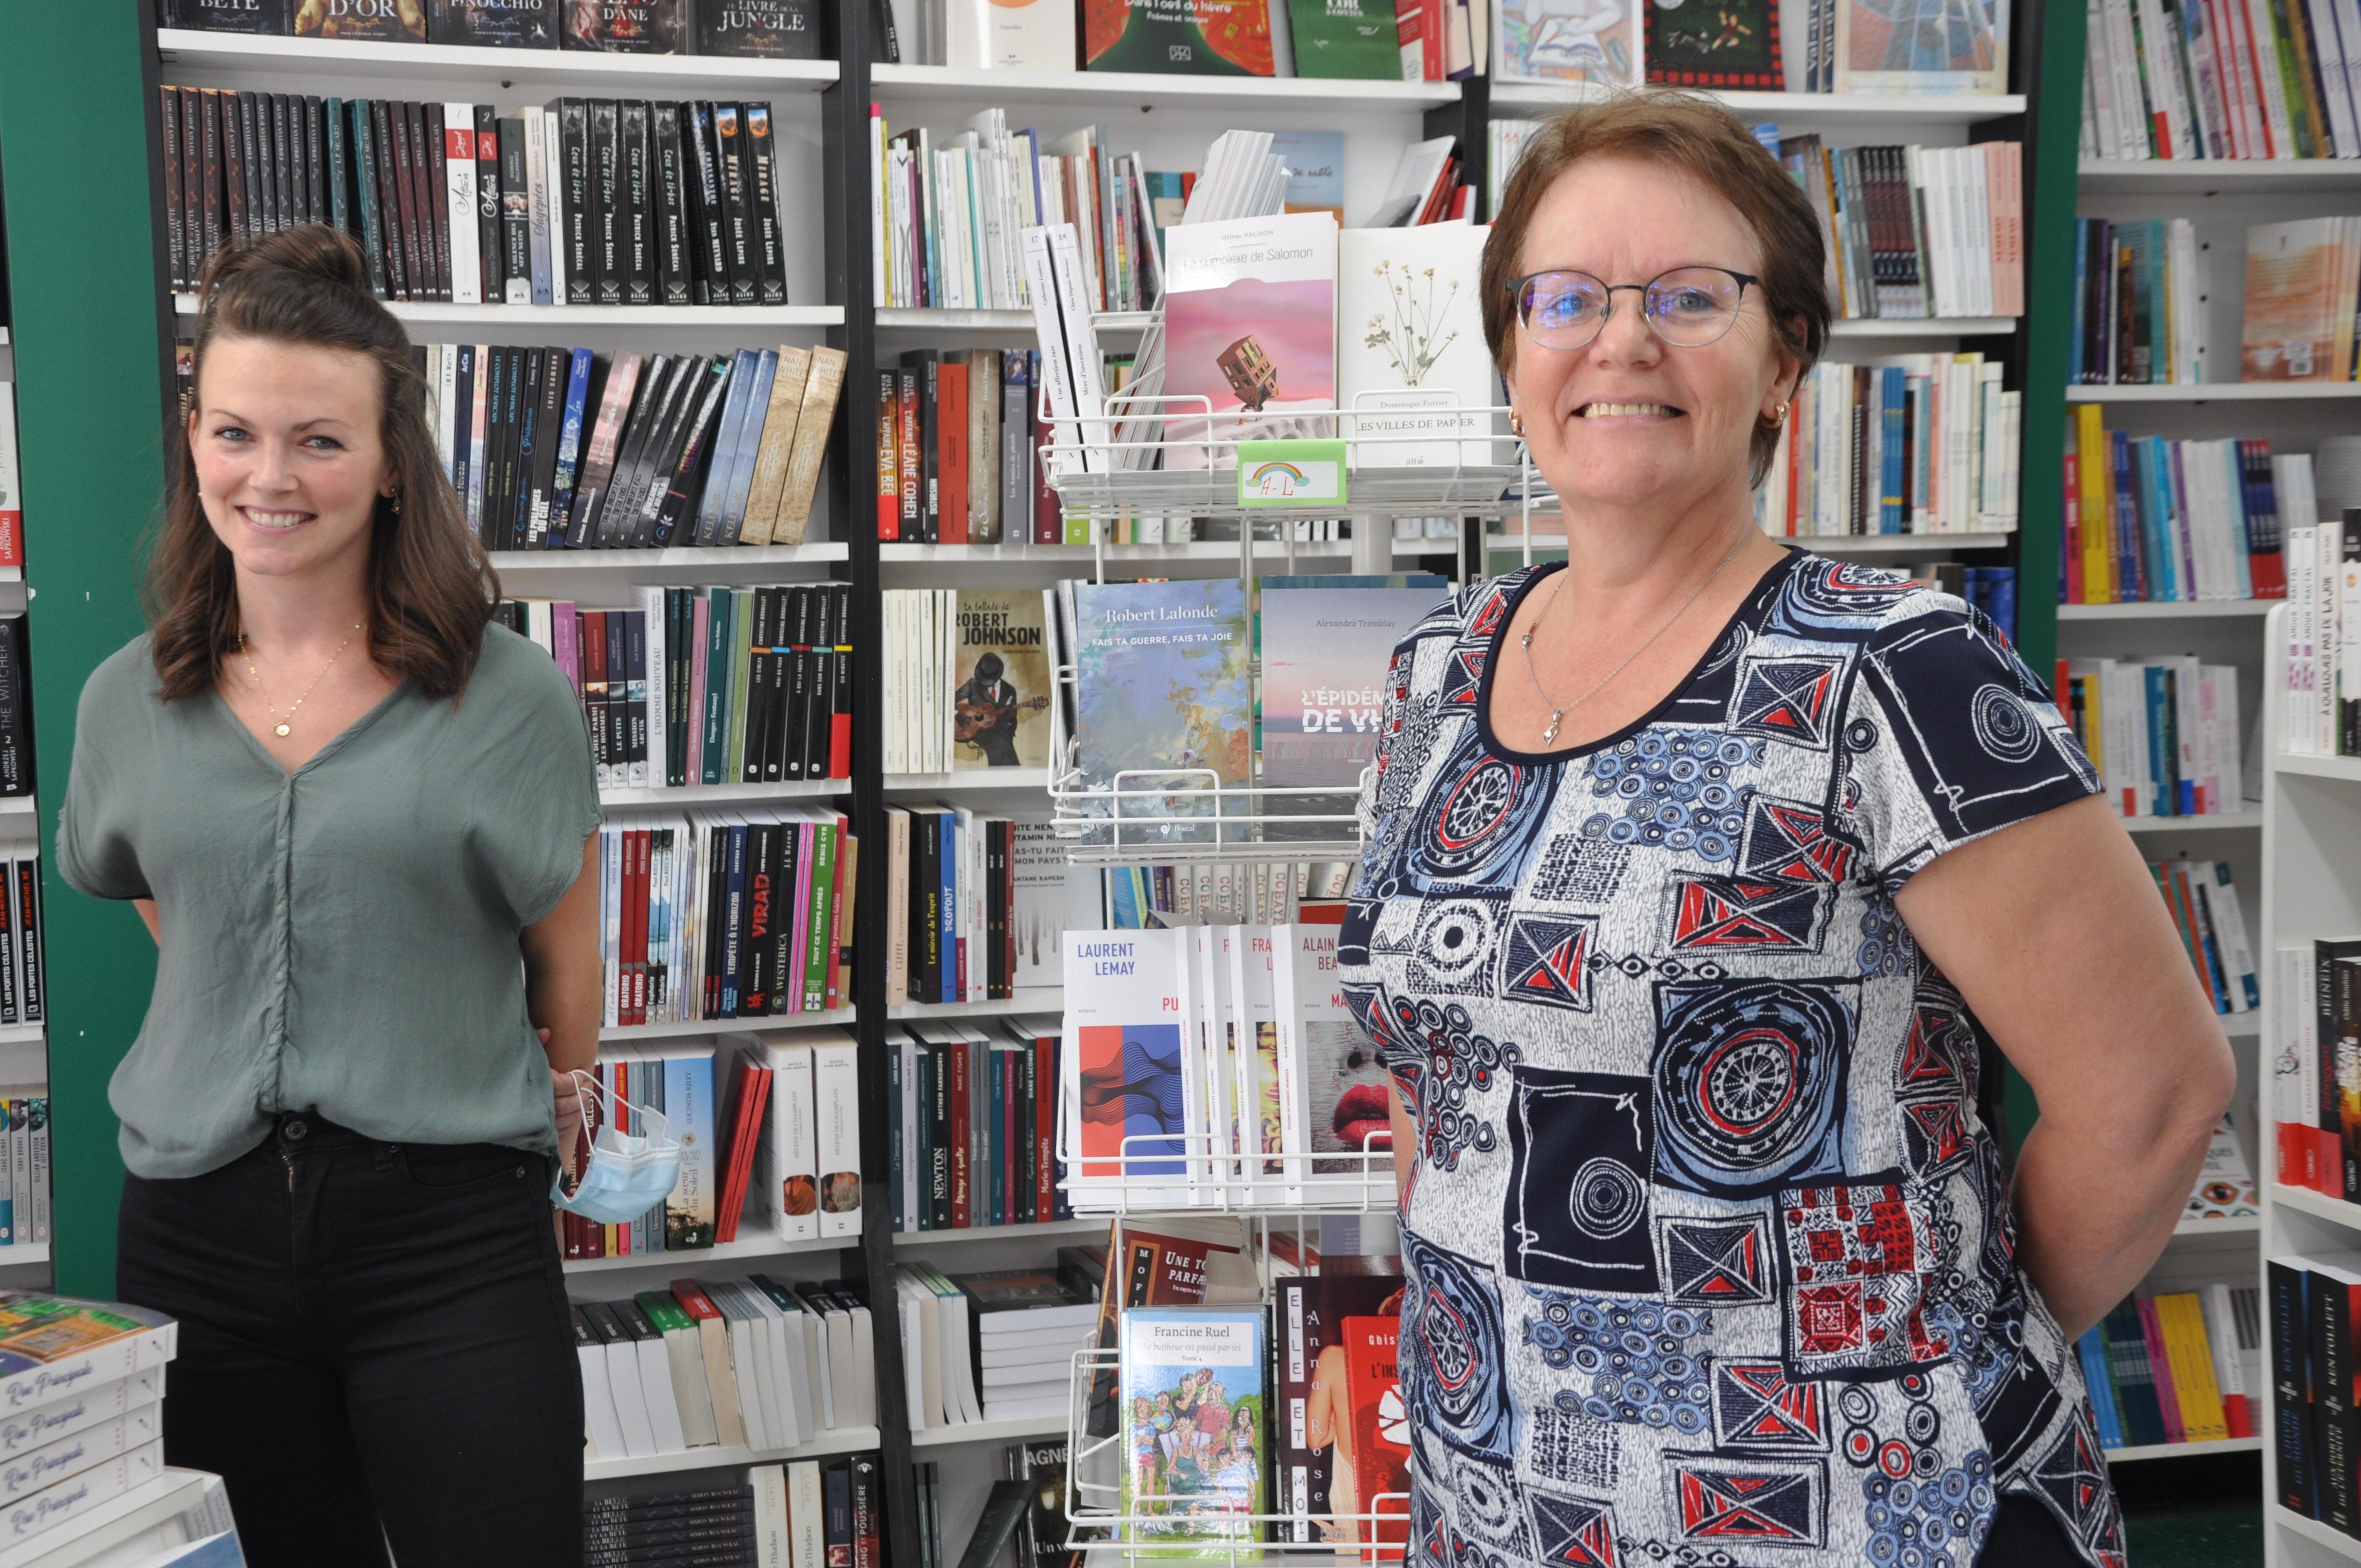 Galerie du livre